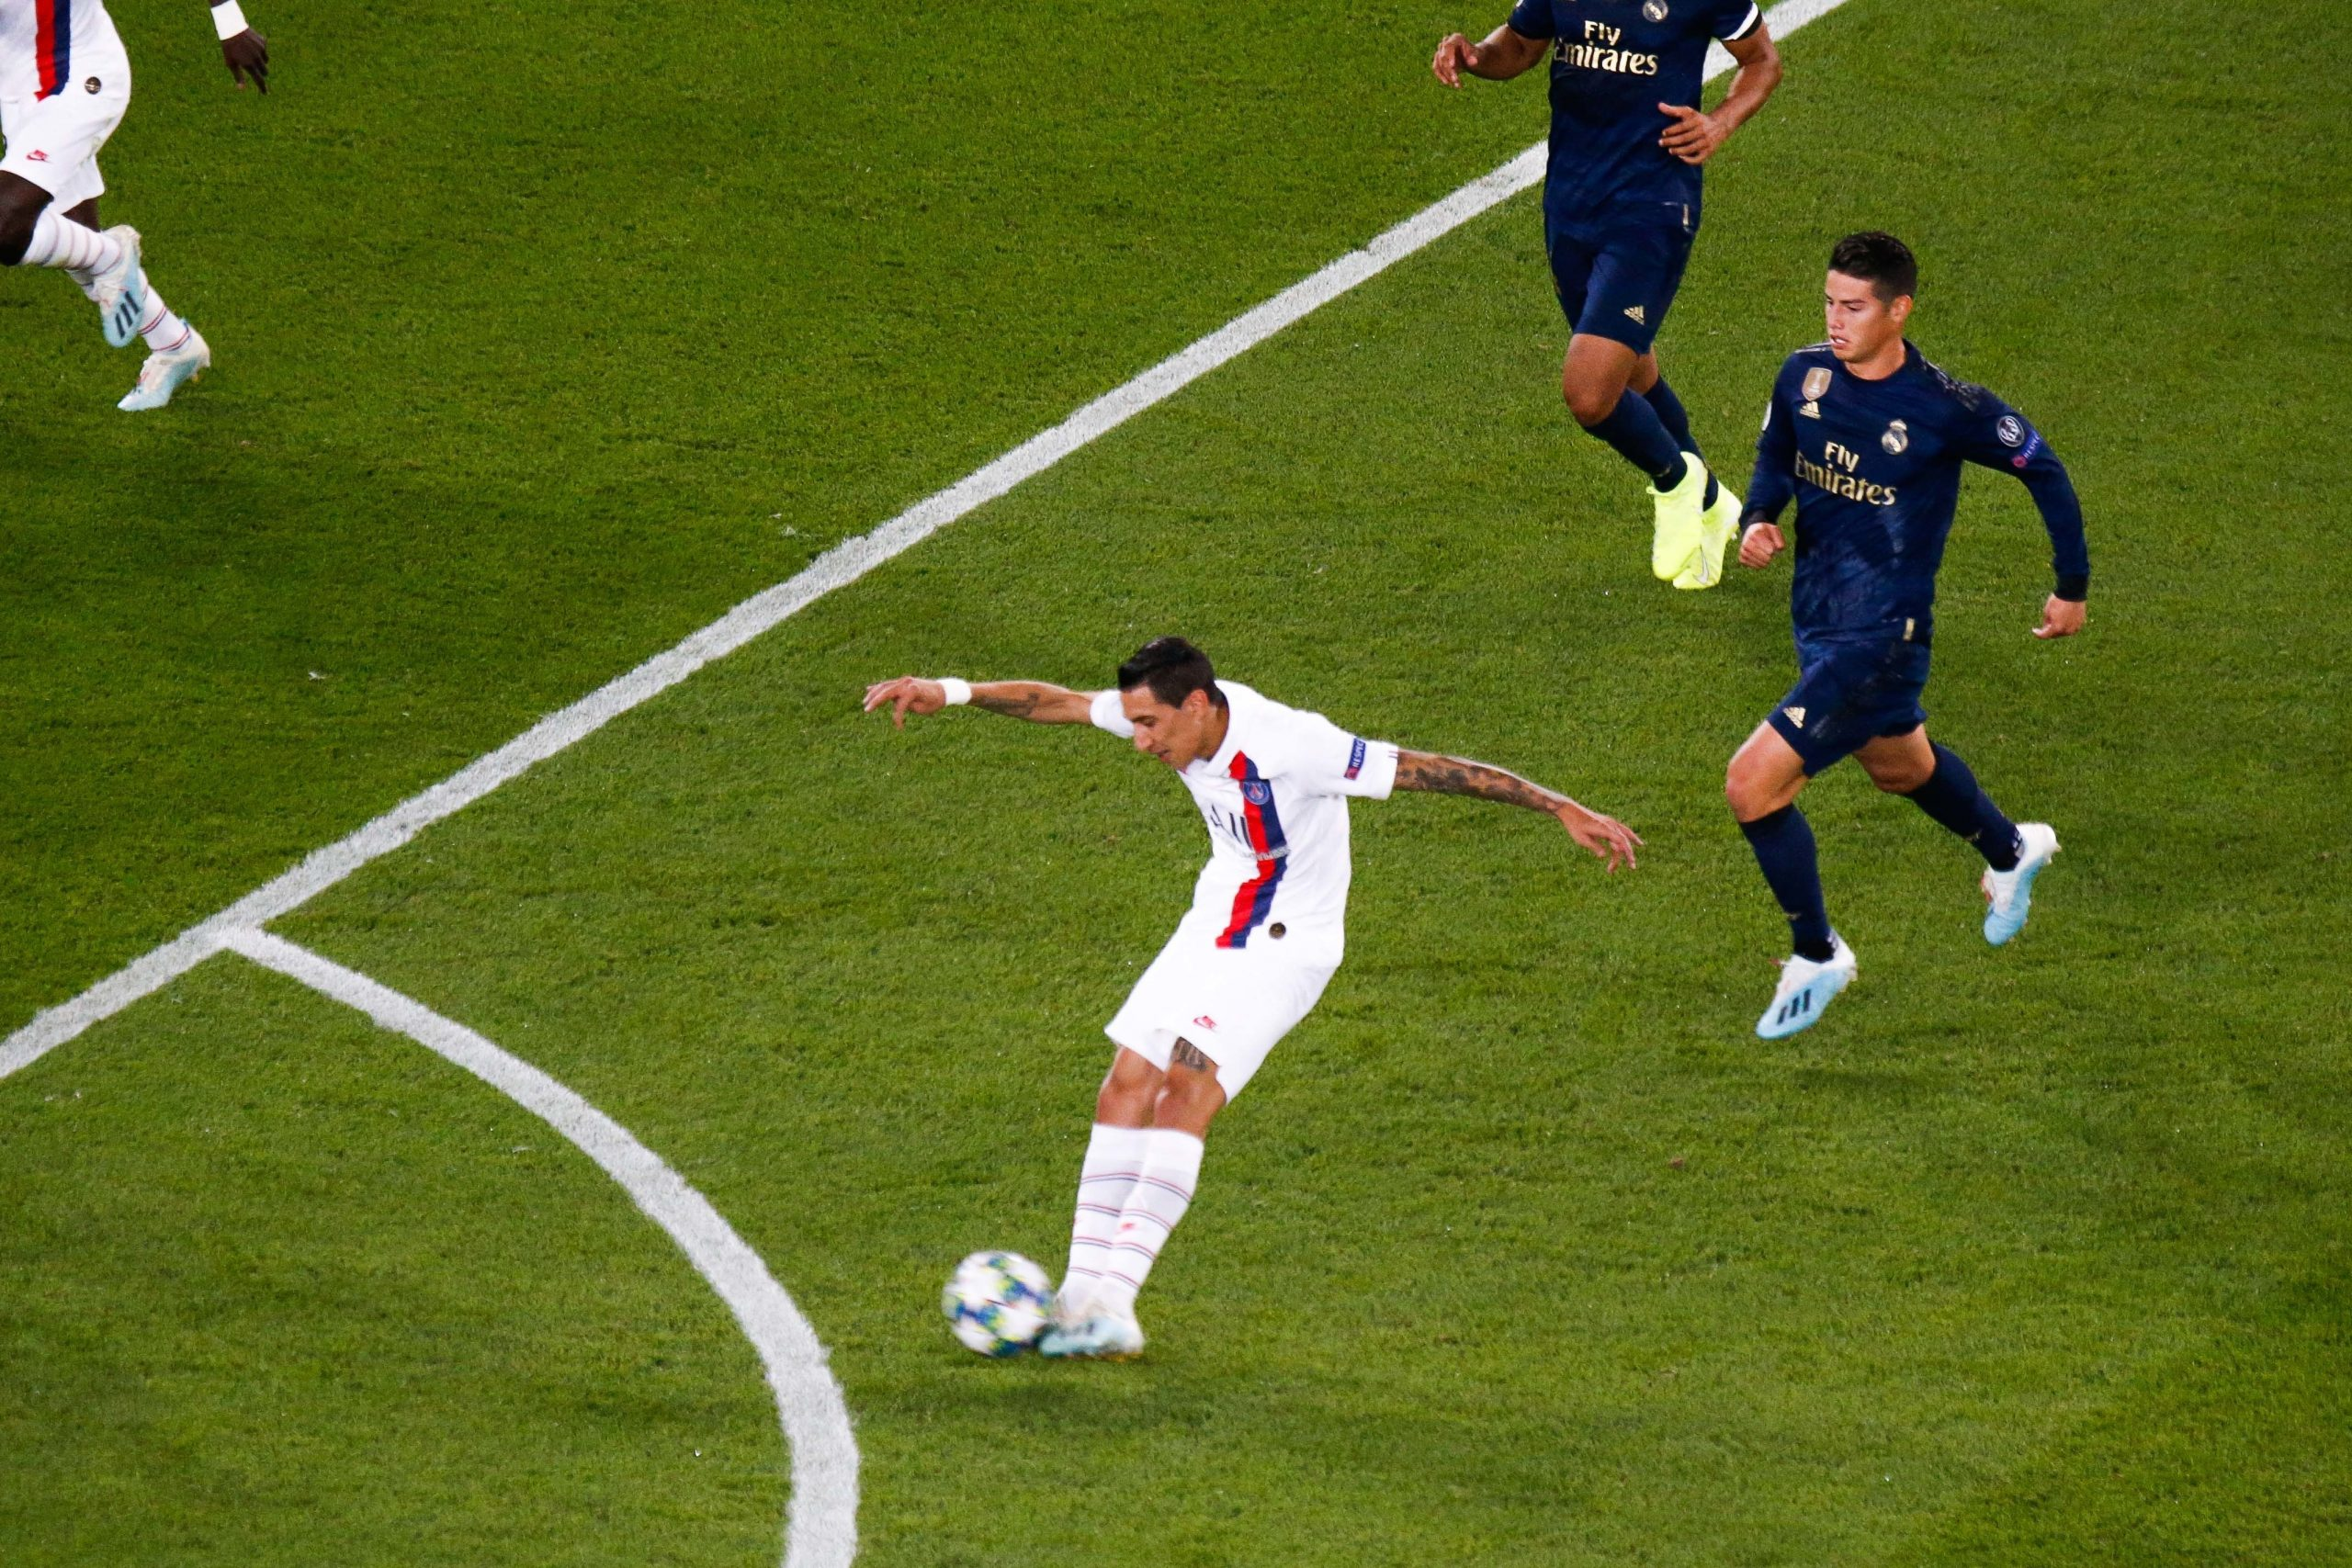 Le plus beau but du PSG cette saison, matchs 7 à 9 : Le 2-0 de Di Maria contre le Real s'impose